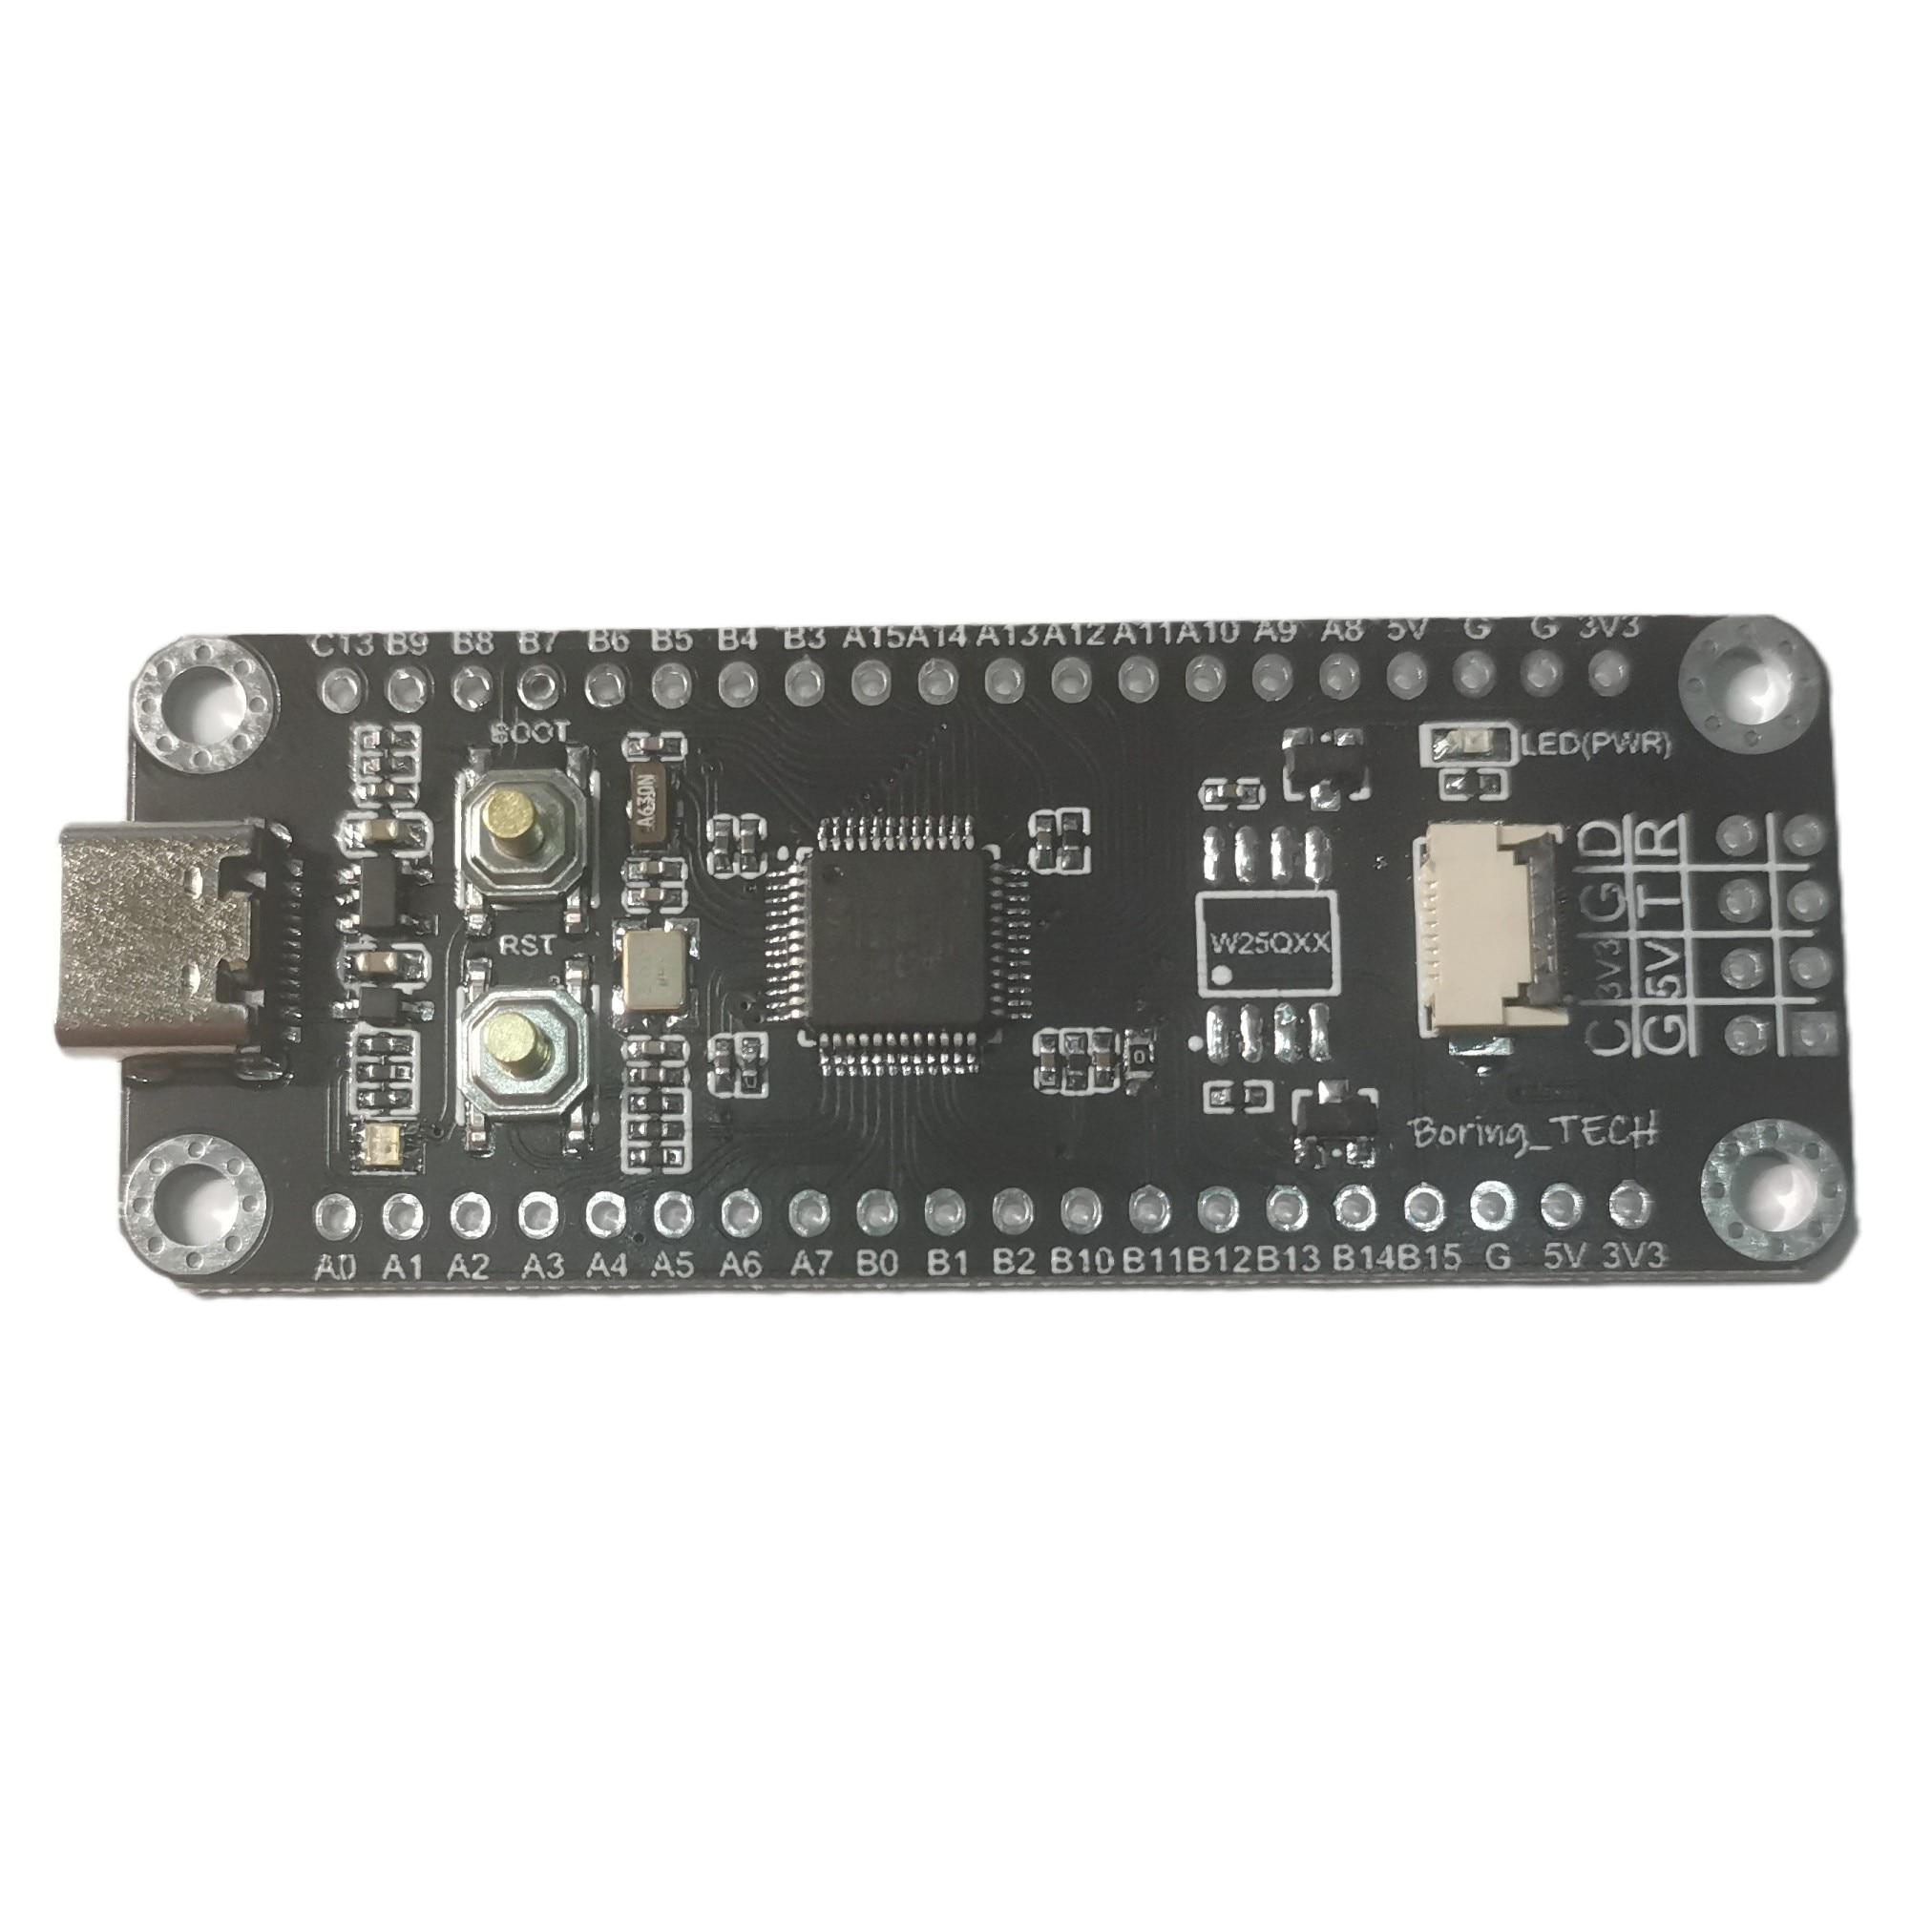 STM32F3 rozwój pokładzie STM32F302CBT6 STM32F303CCT6 płyta główna moduł Minimum System Board